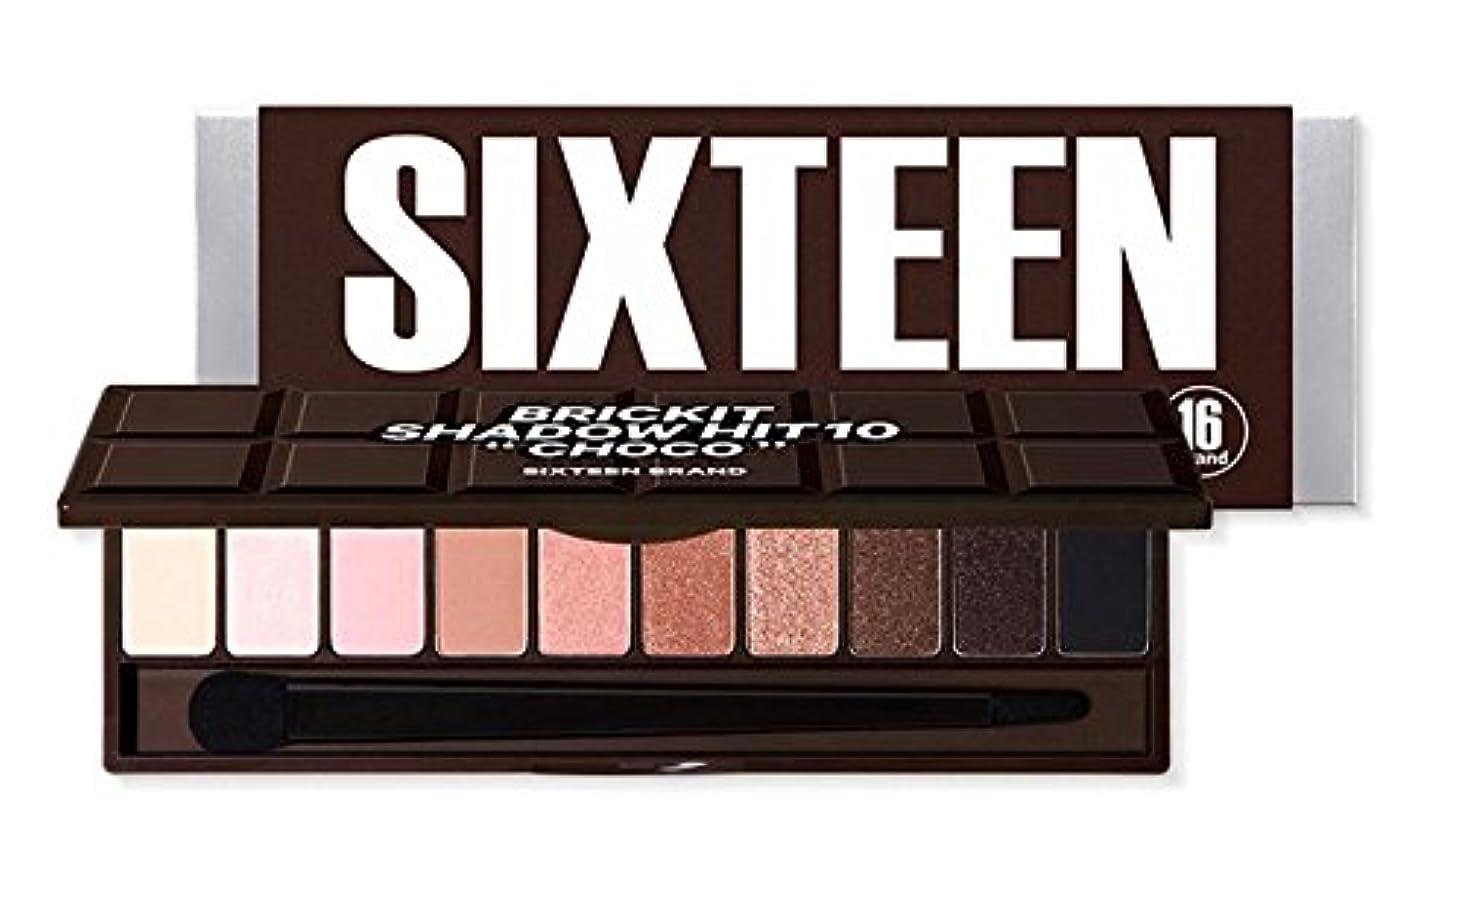 テスト危険を冒します軽量16brand Sixteen Brickit Shadow Hit 10 Choco 10g/16ブランド シックスティーン ブリックキット シャドウ ヒット 10 チョコ 10g [並行輸入品]